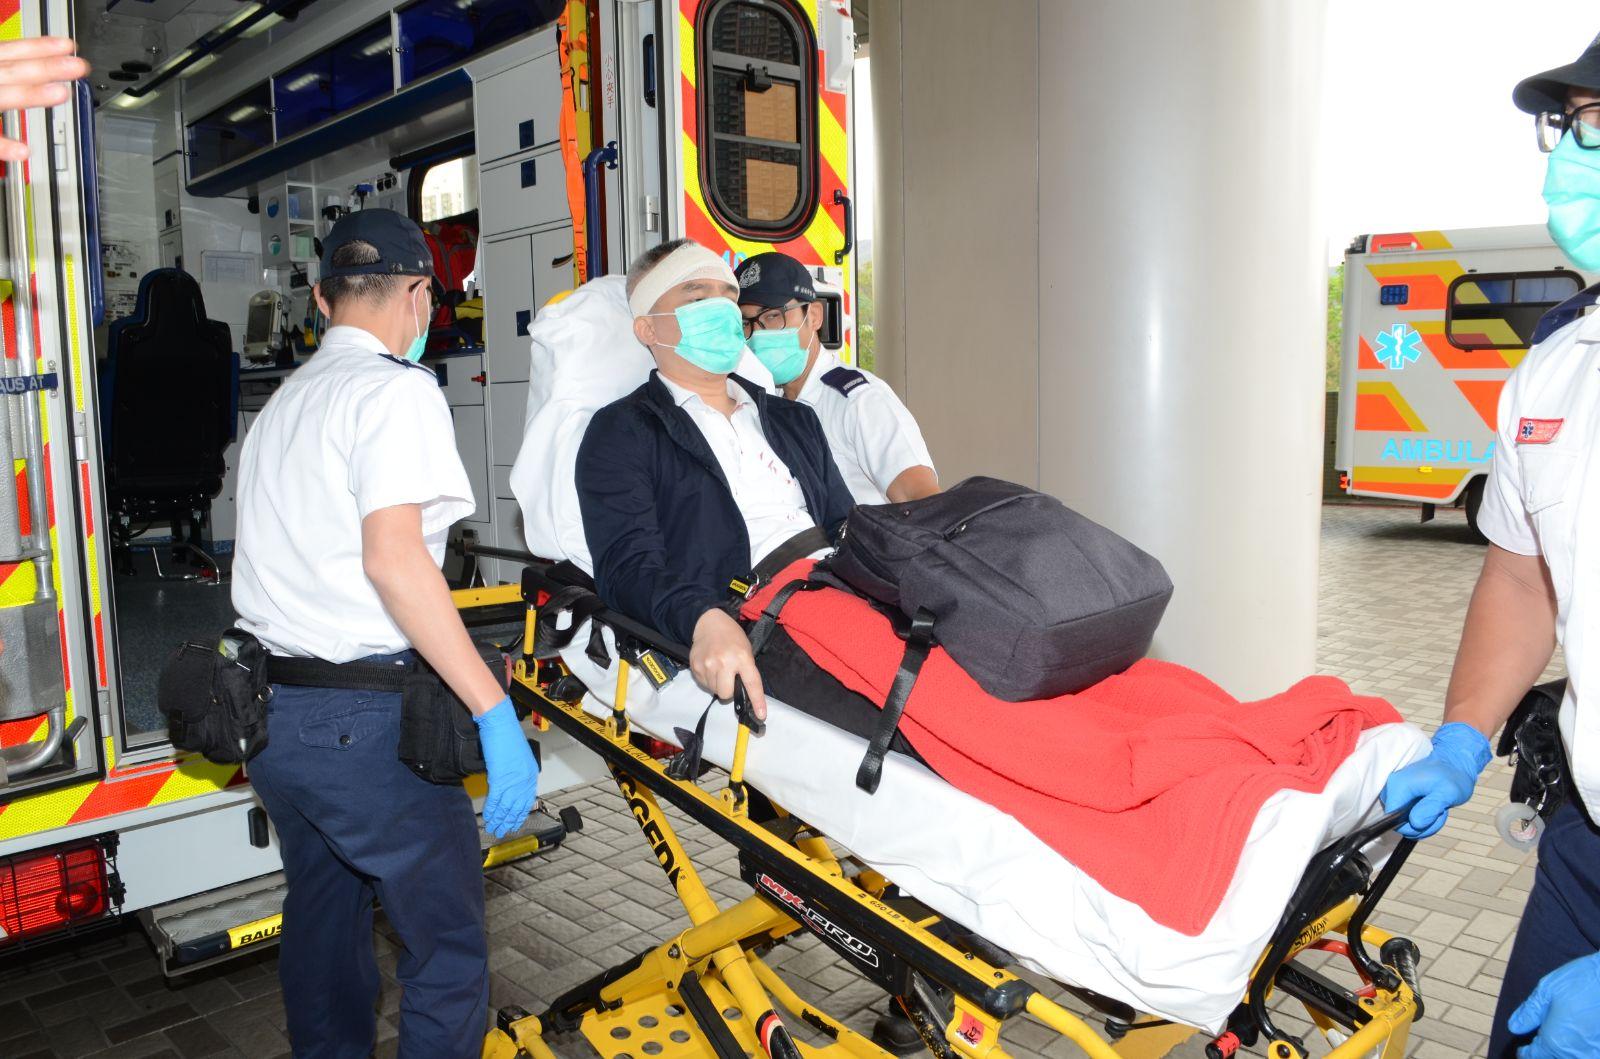 男子被兩名南亞人士搶劫打傷頭部,事後送院。 歐陽光偉攝